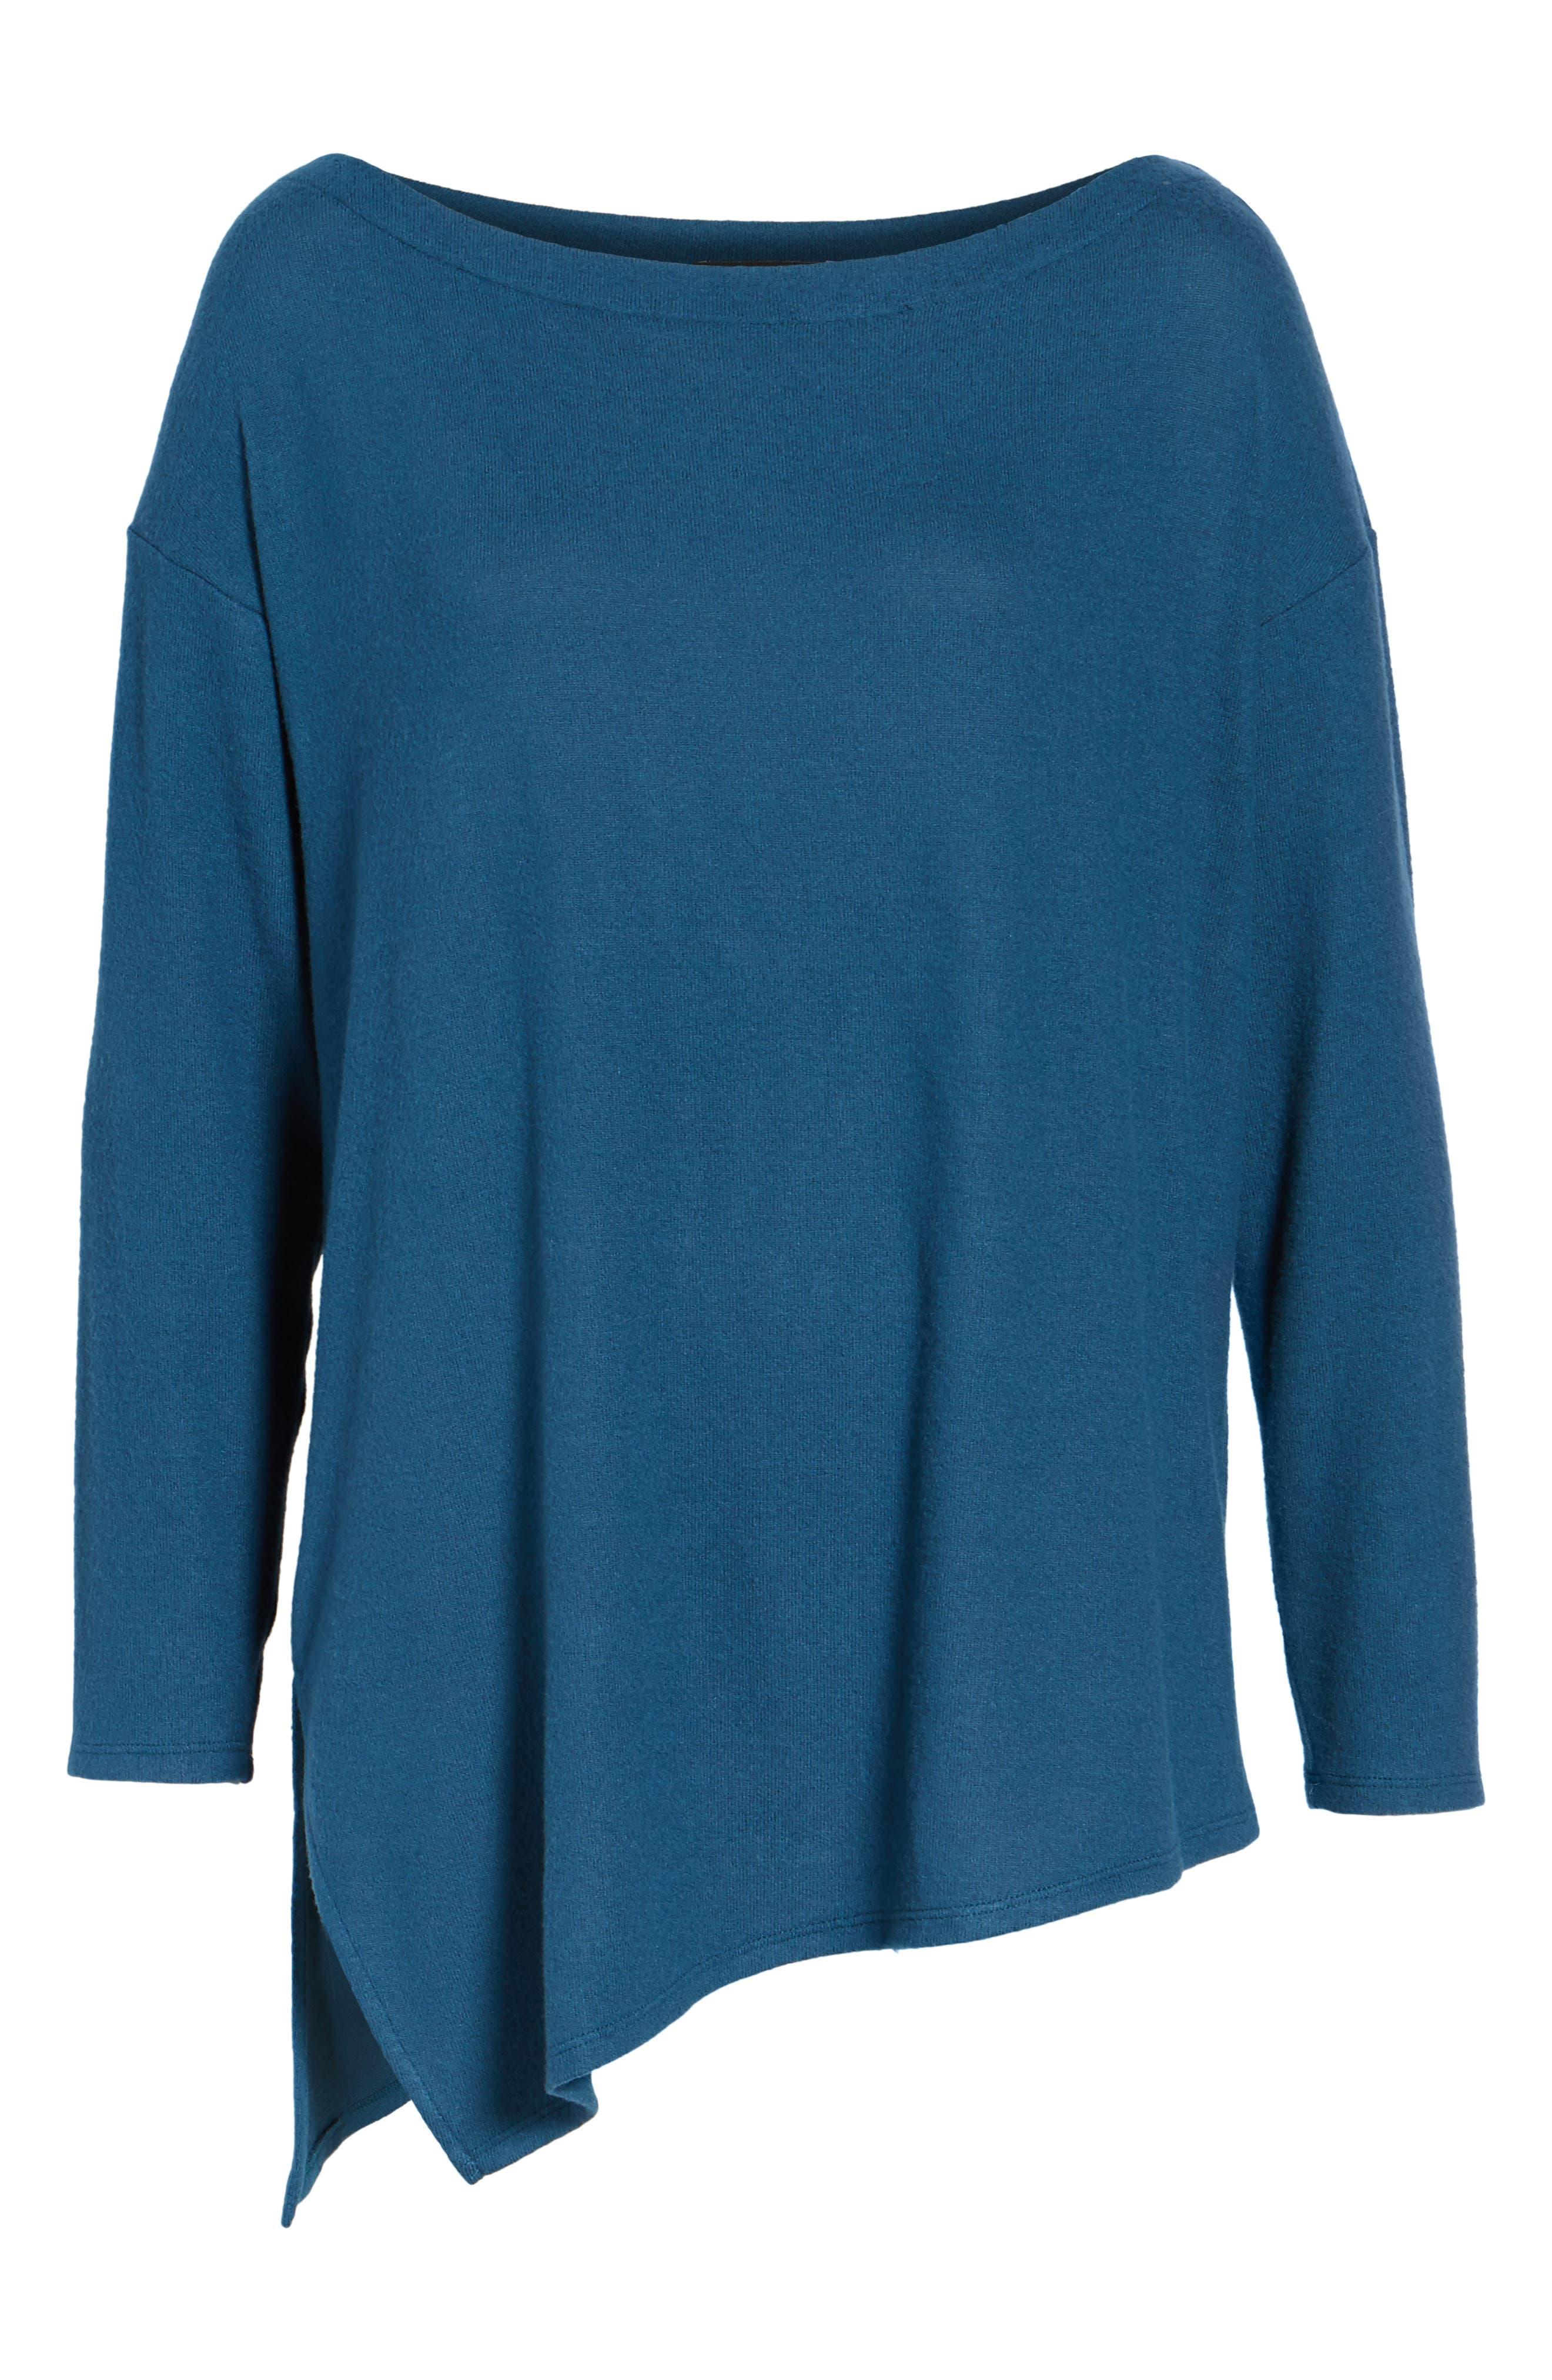 Asymmetrical Cozy Fleece Convertible Top,                             Alternate thumbnail 7, color,                             Blue Ceramic